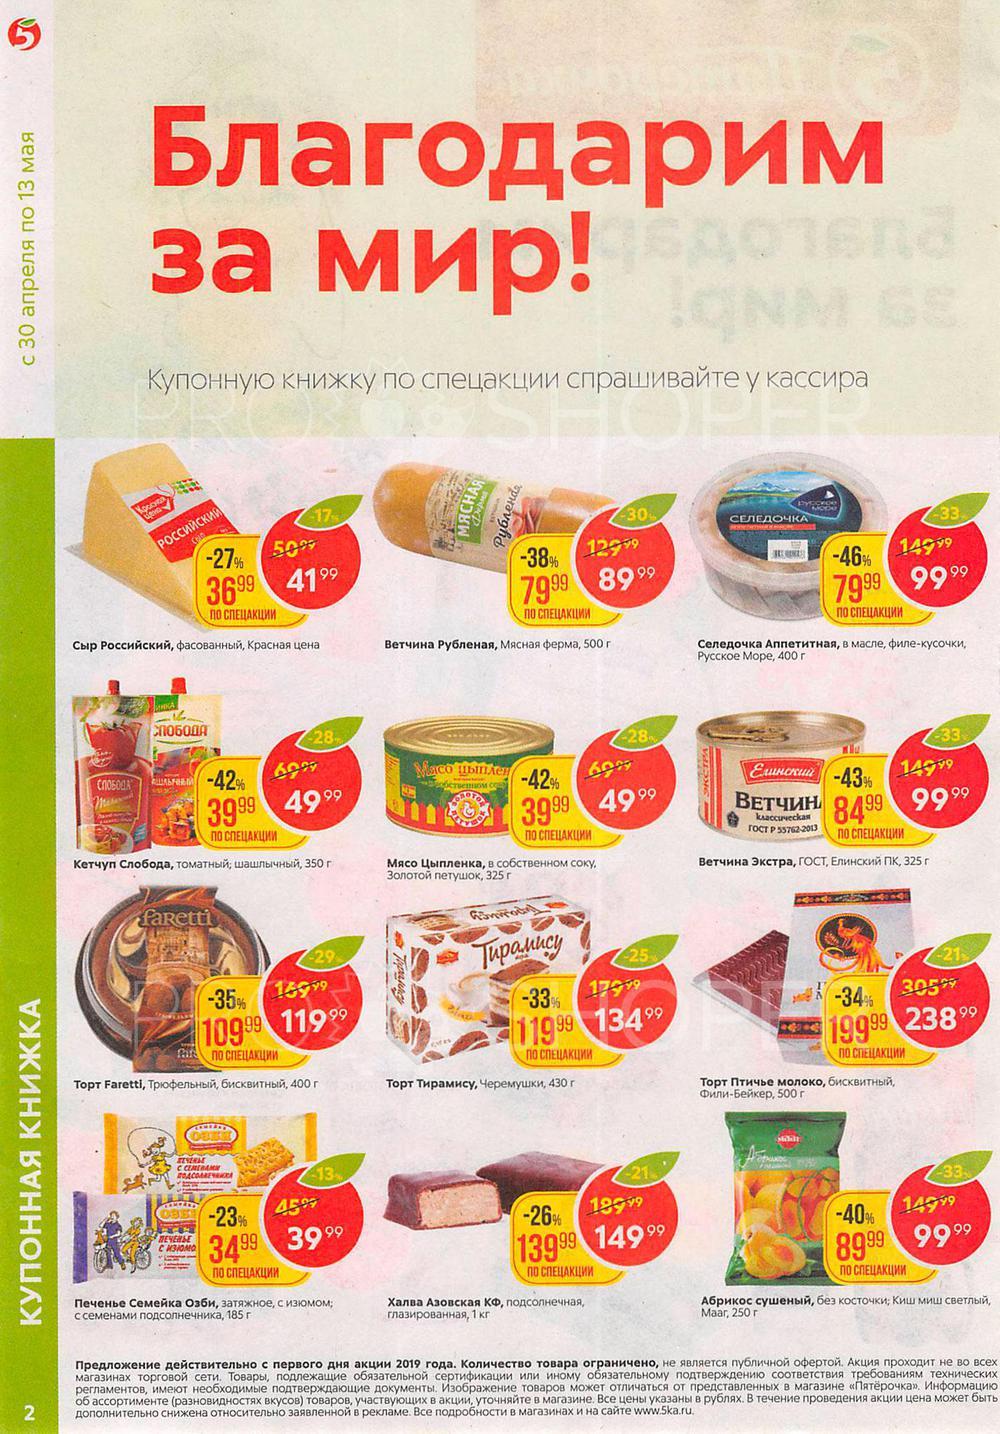 Акции в Пятерочке с 5 по 11 февраля 2019